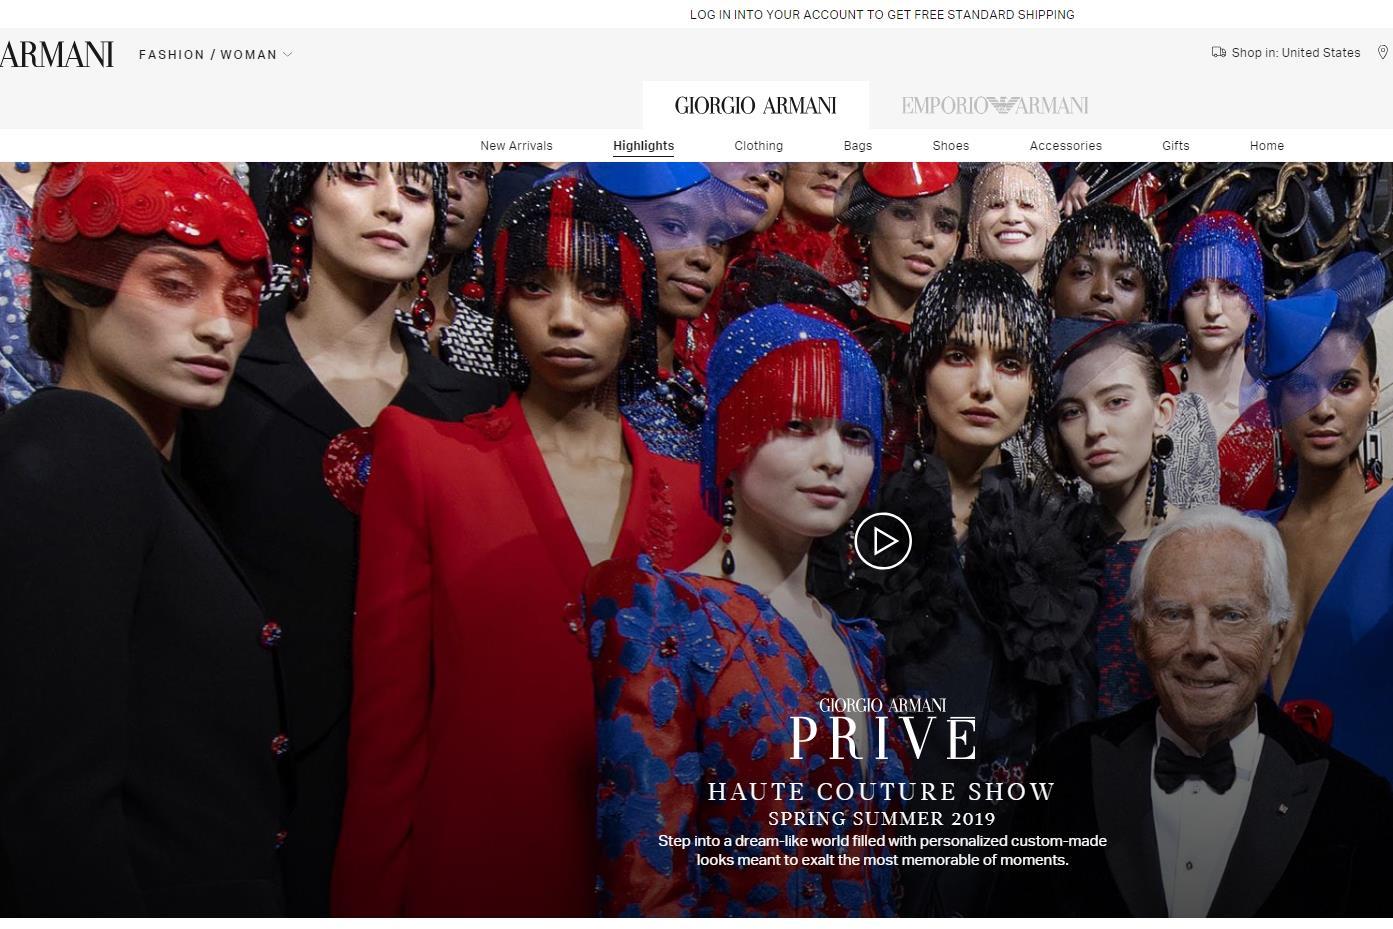 意大利奢侈品牌 Giorgio Armani 正式涉足高级珠宝领域